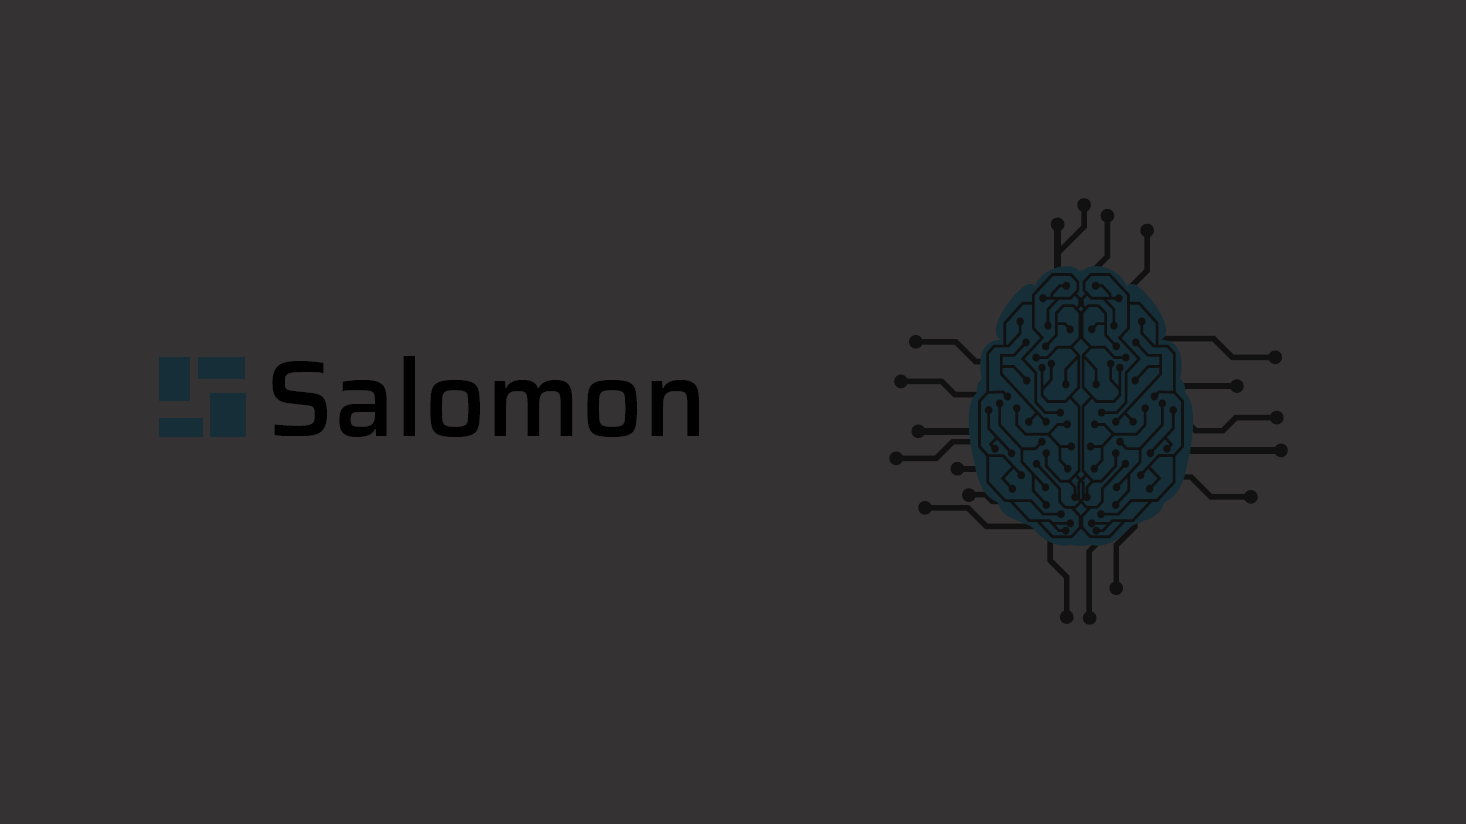 Imagen de vídeo de Salomon, con logotimo y el cerebro de calcular